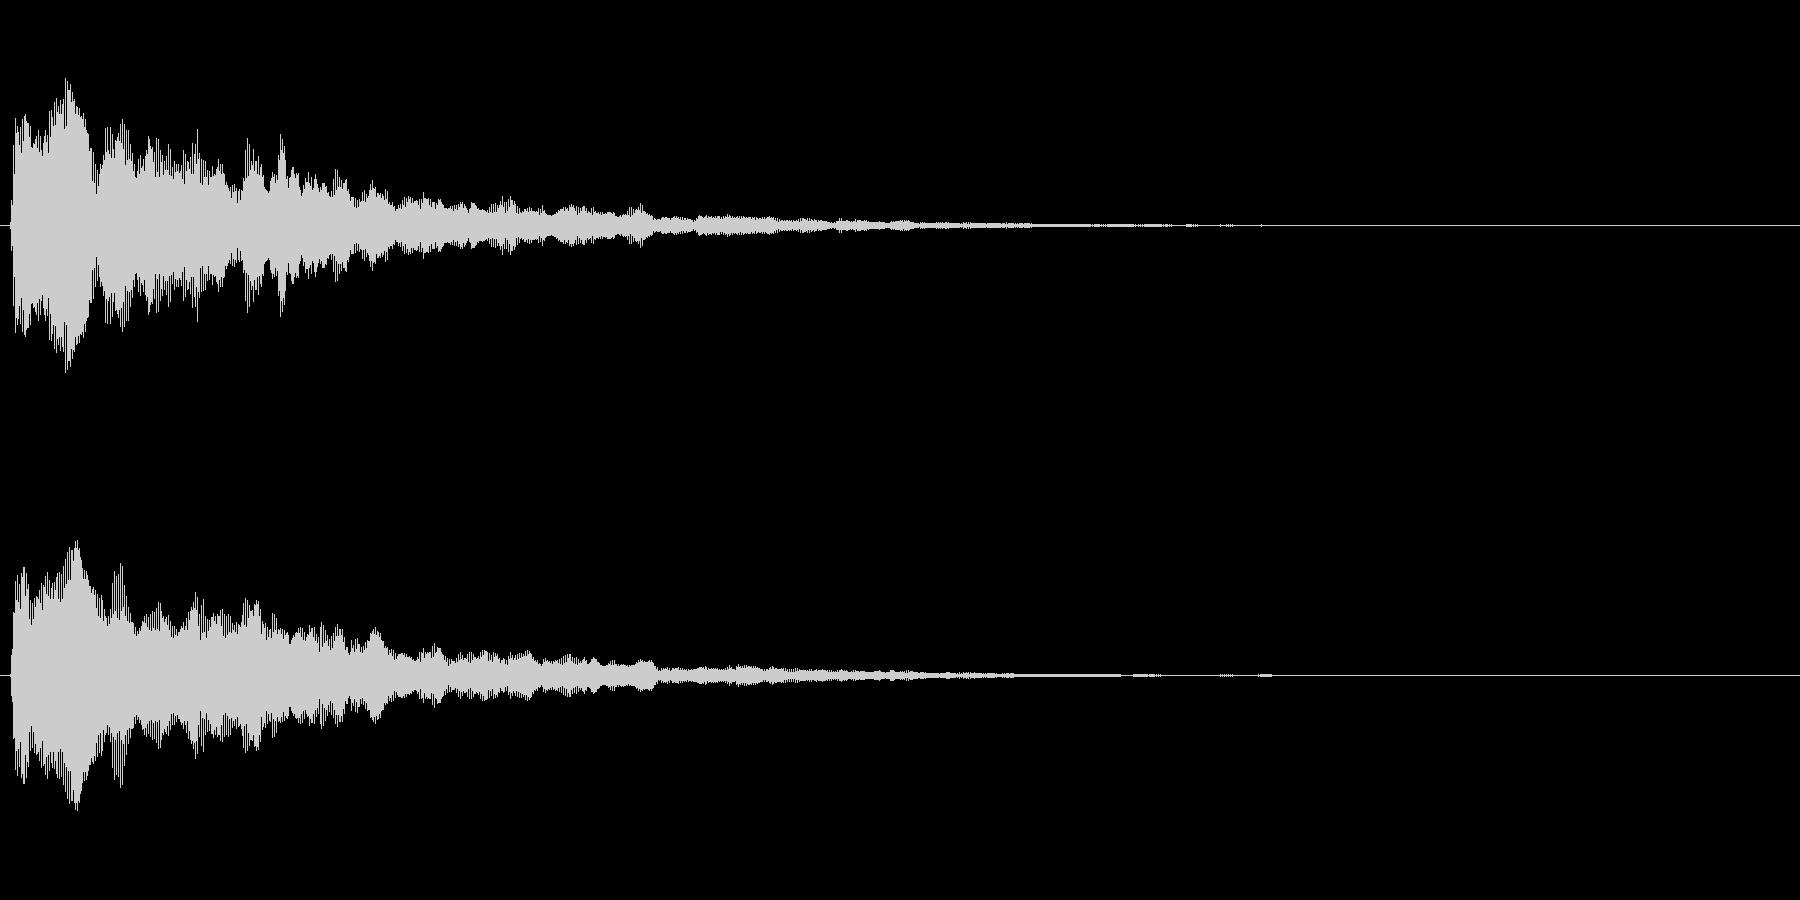 ふぁん(ファー)という宇宙風柔らかい音の未再生の波形